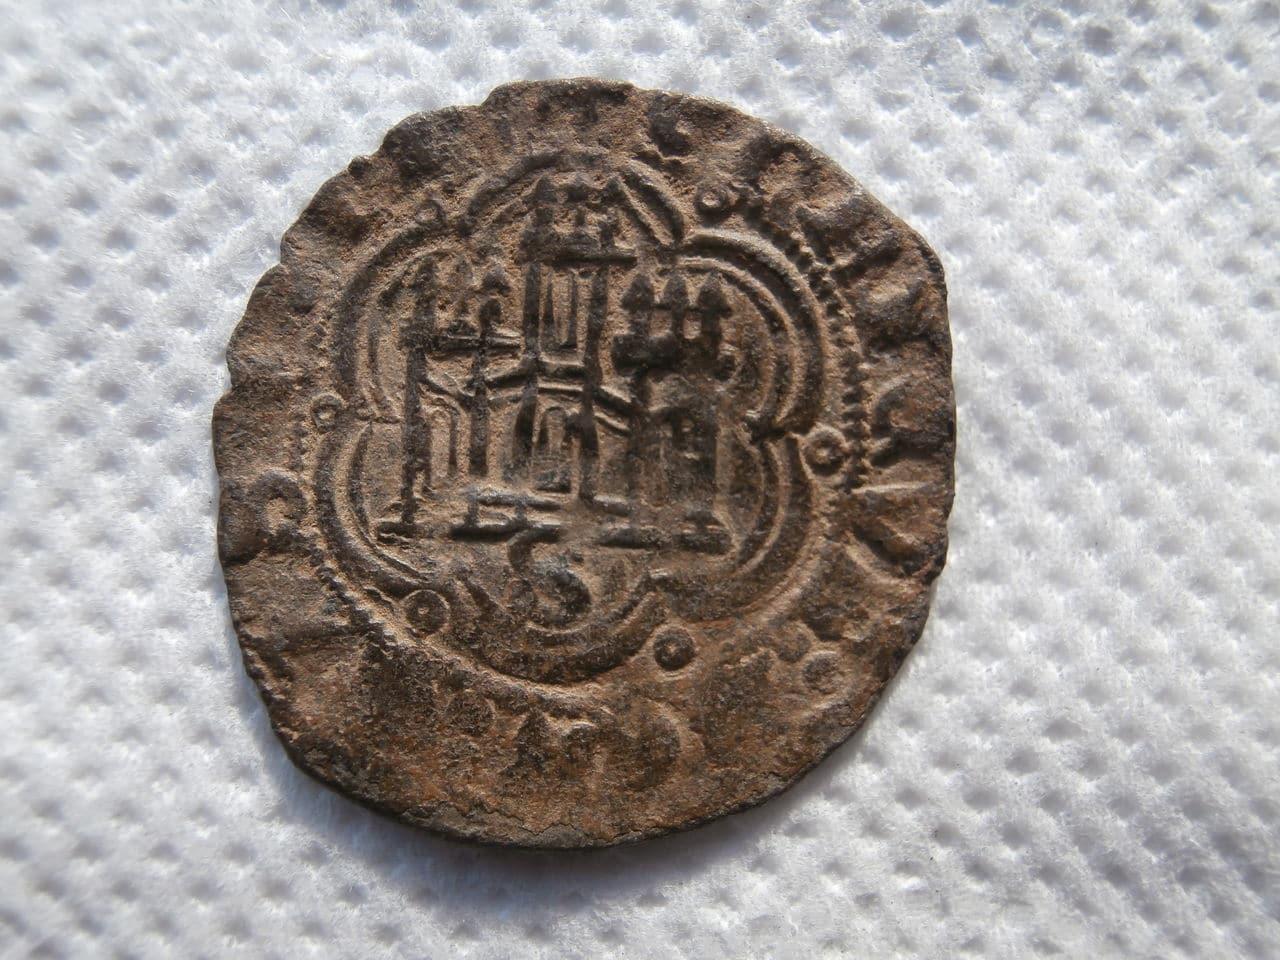 Blanca de Enrique III de Castilla 1390-1406 Sevilla. P1070133